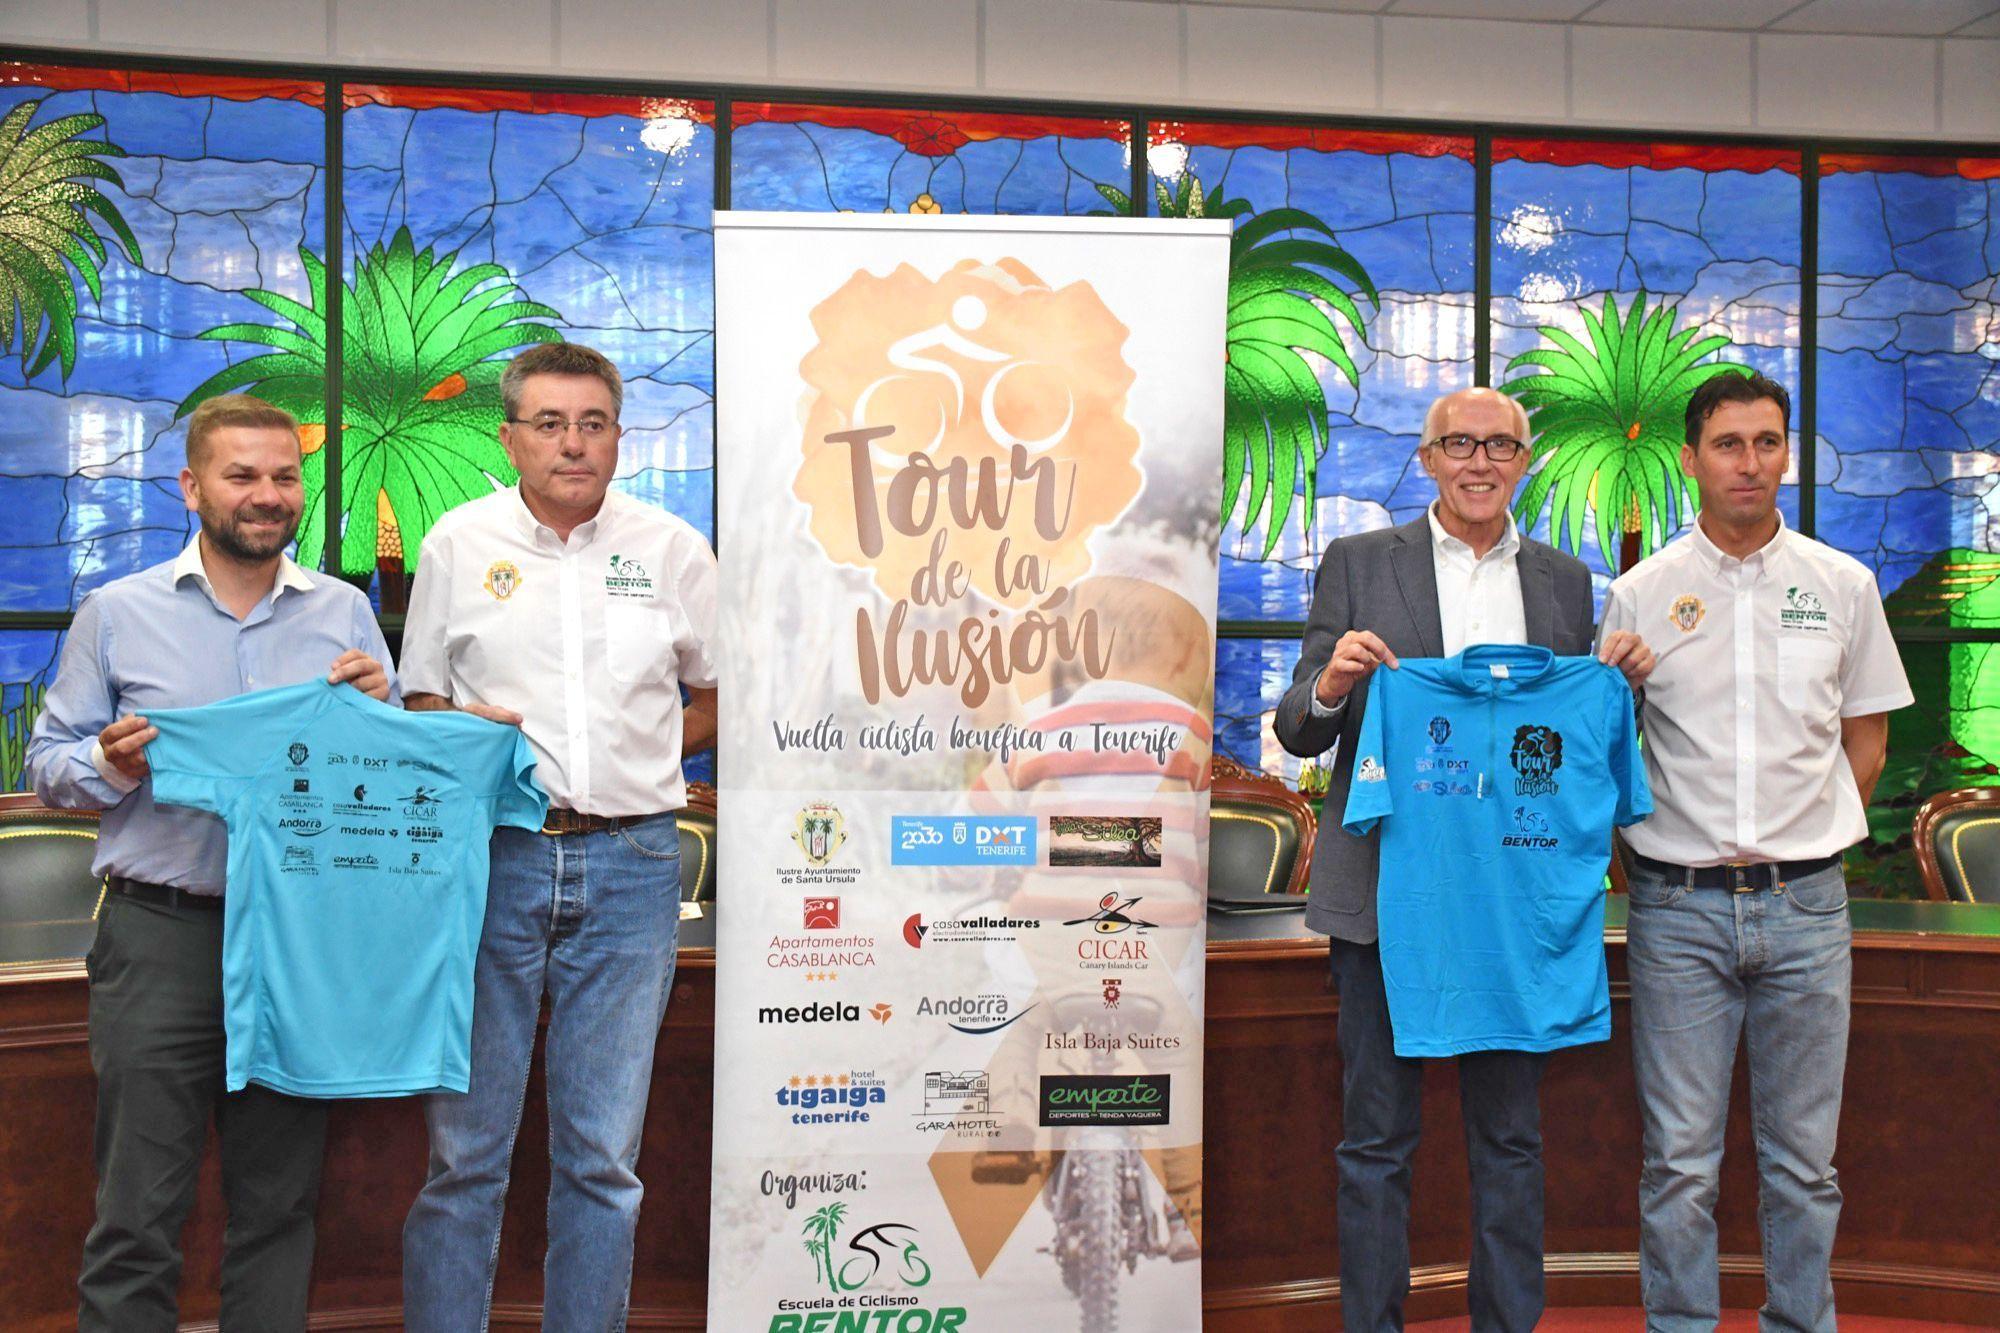 Rueda de Prensa El Tour de la Ilusión pedalea por los niños con cáncer